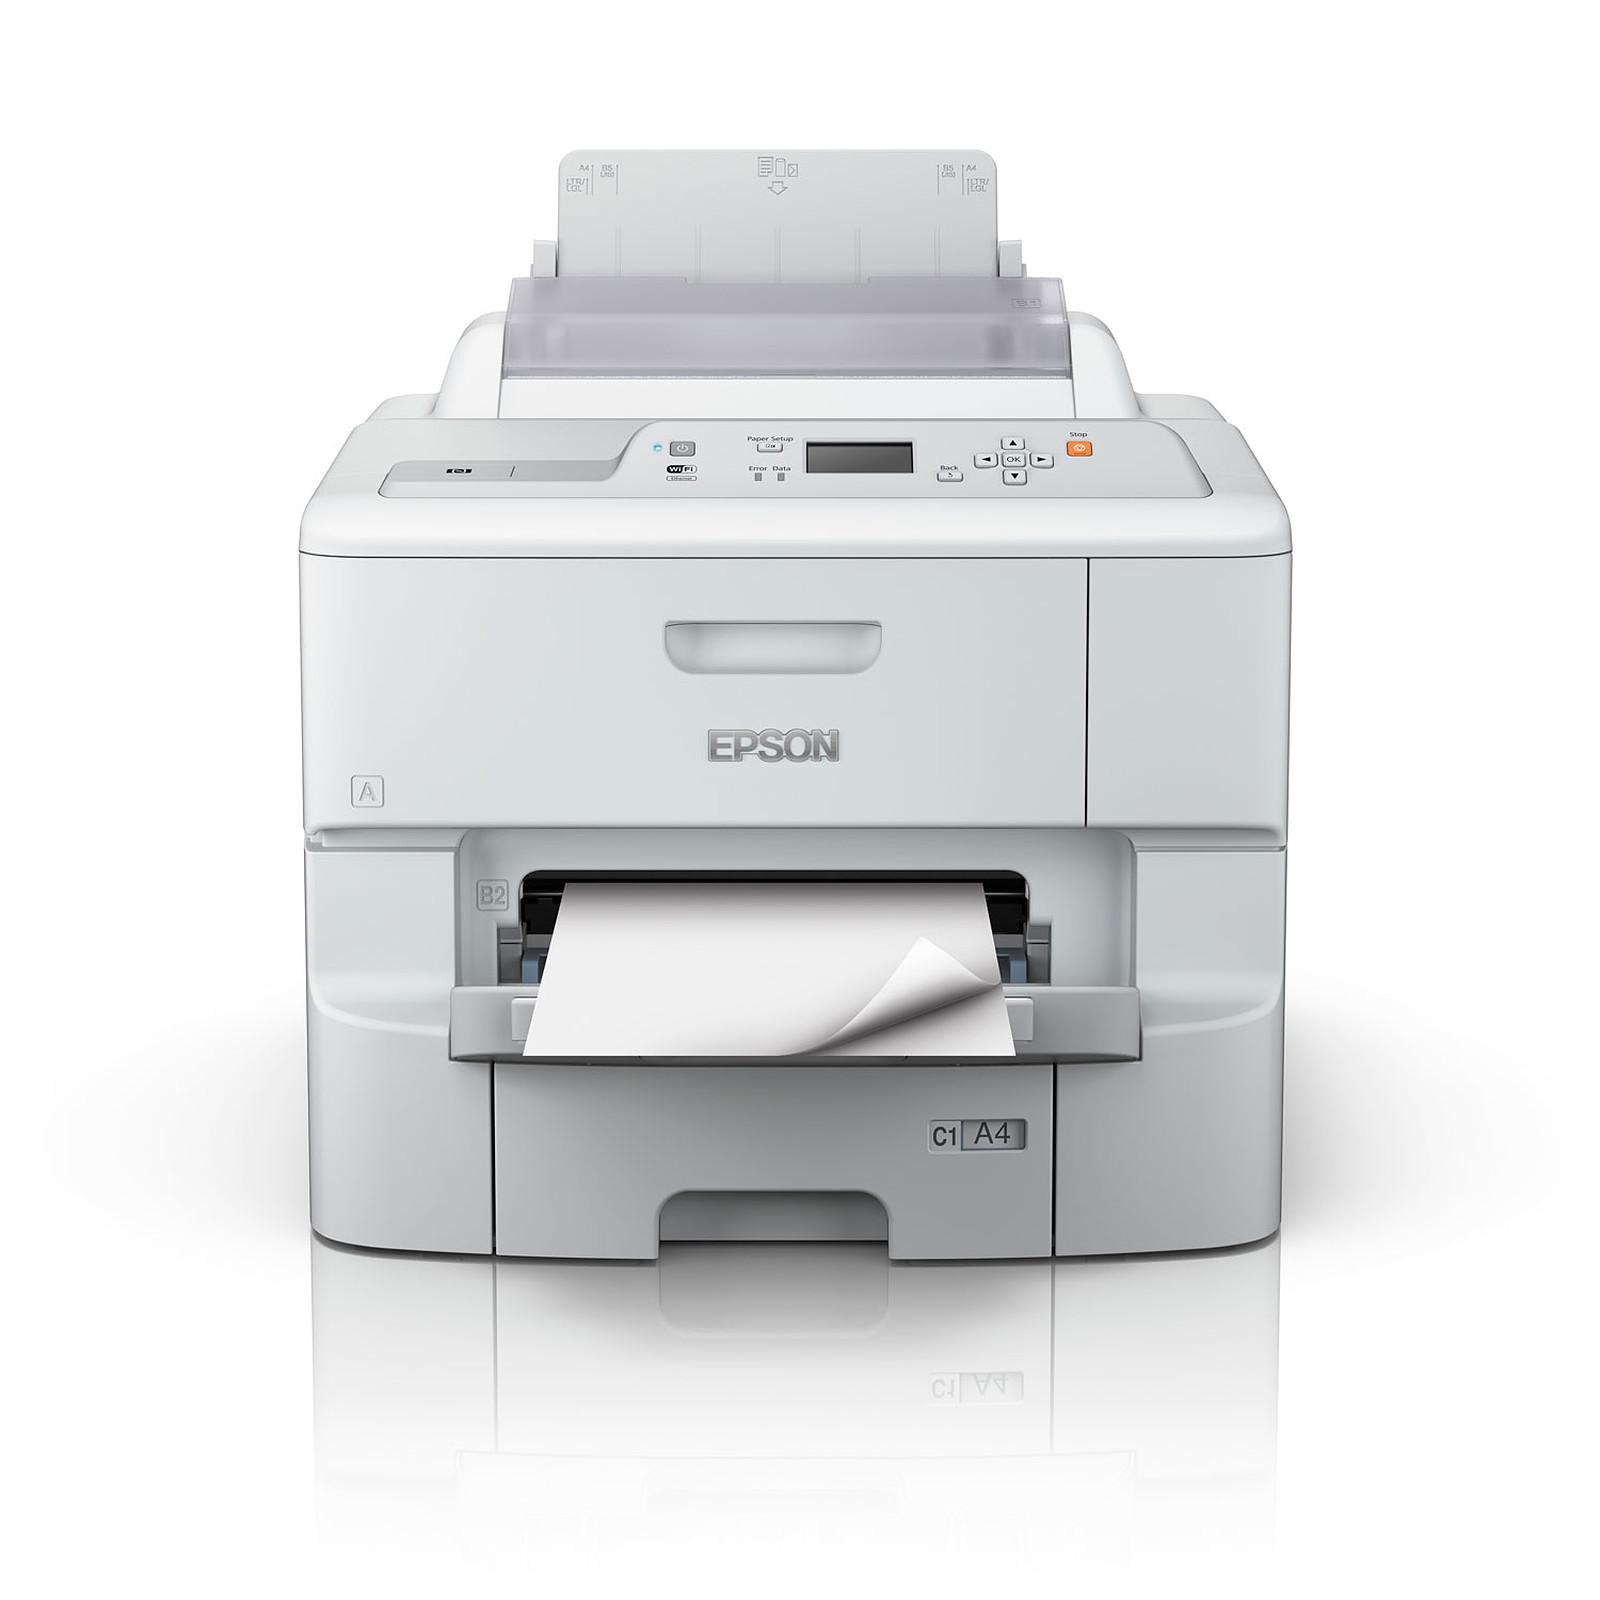 Epson WorkForce WF-6090DW